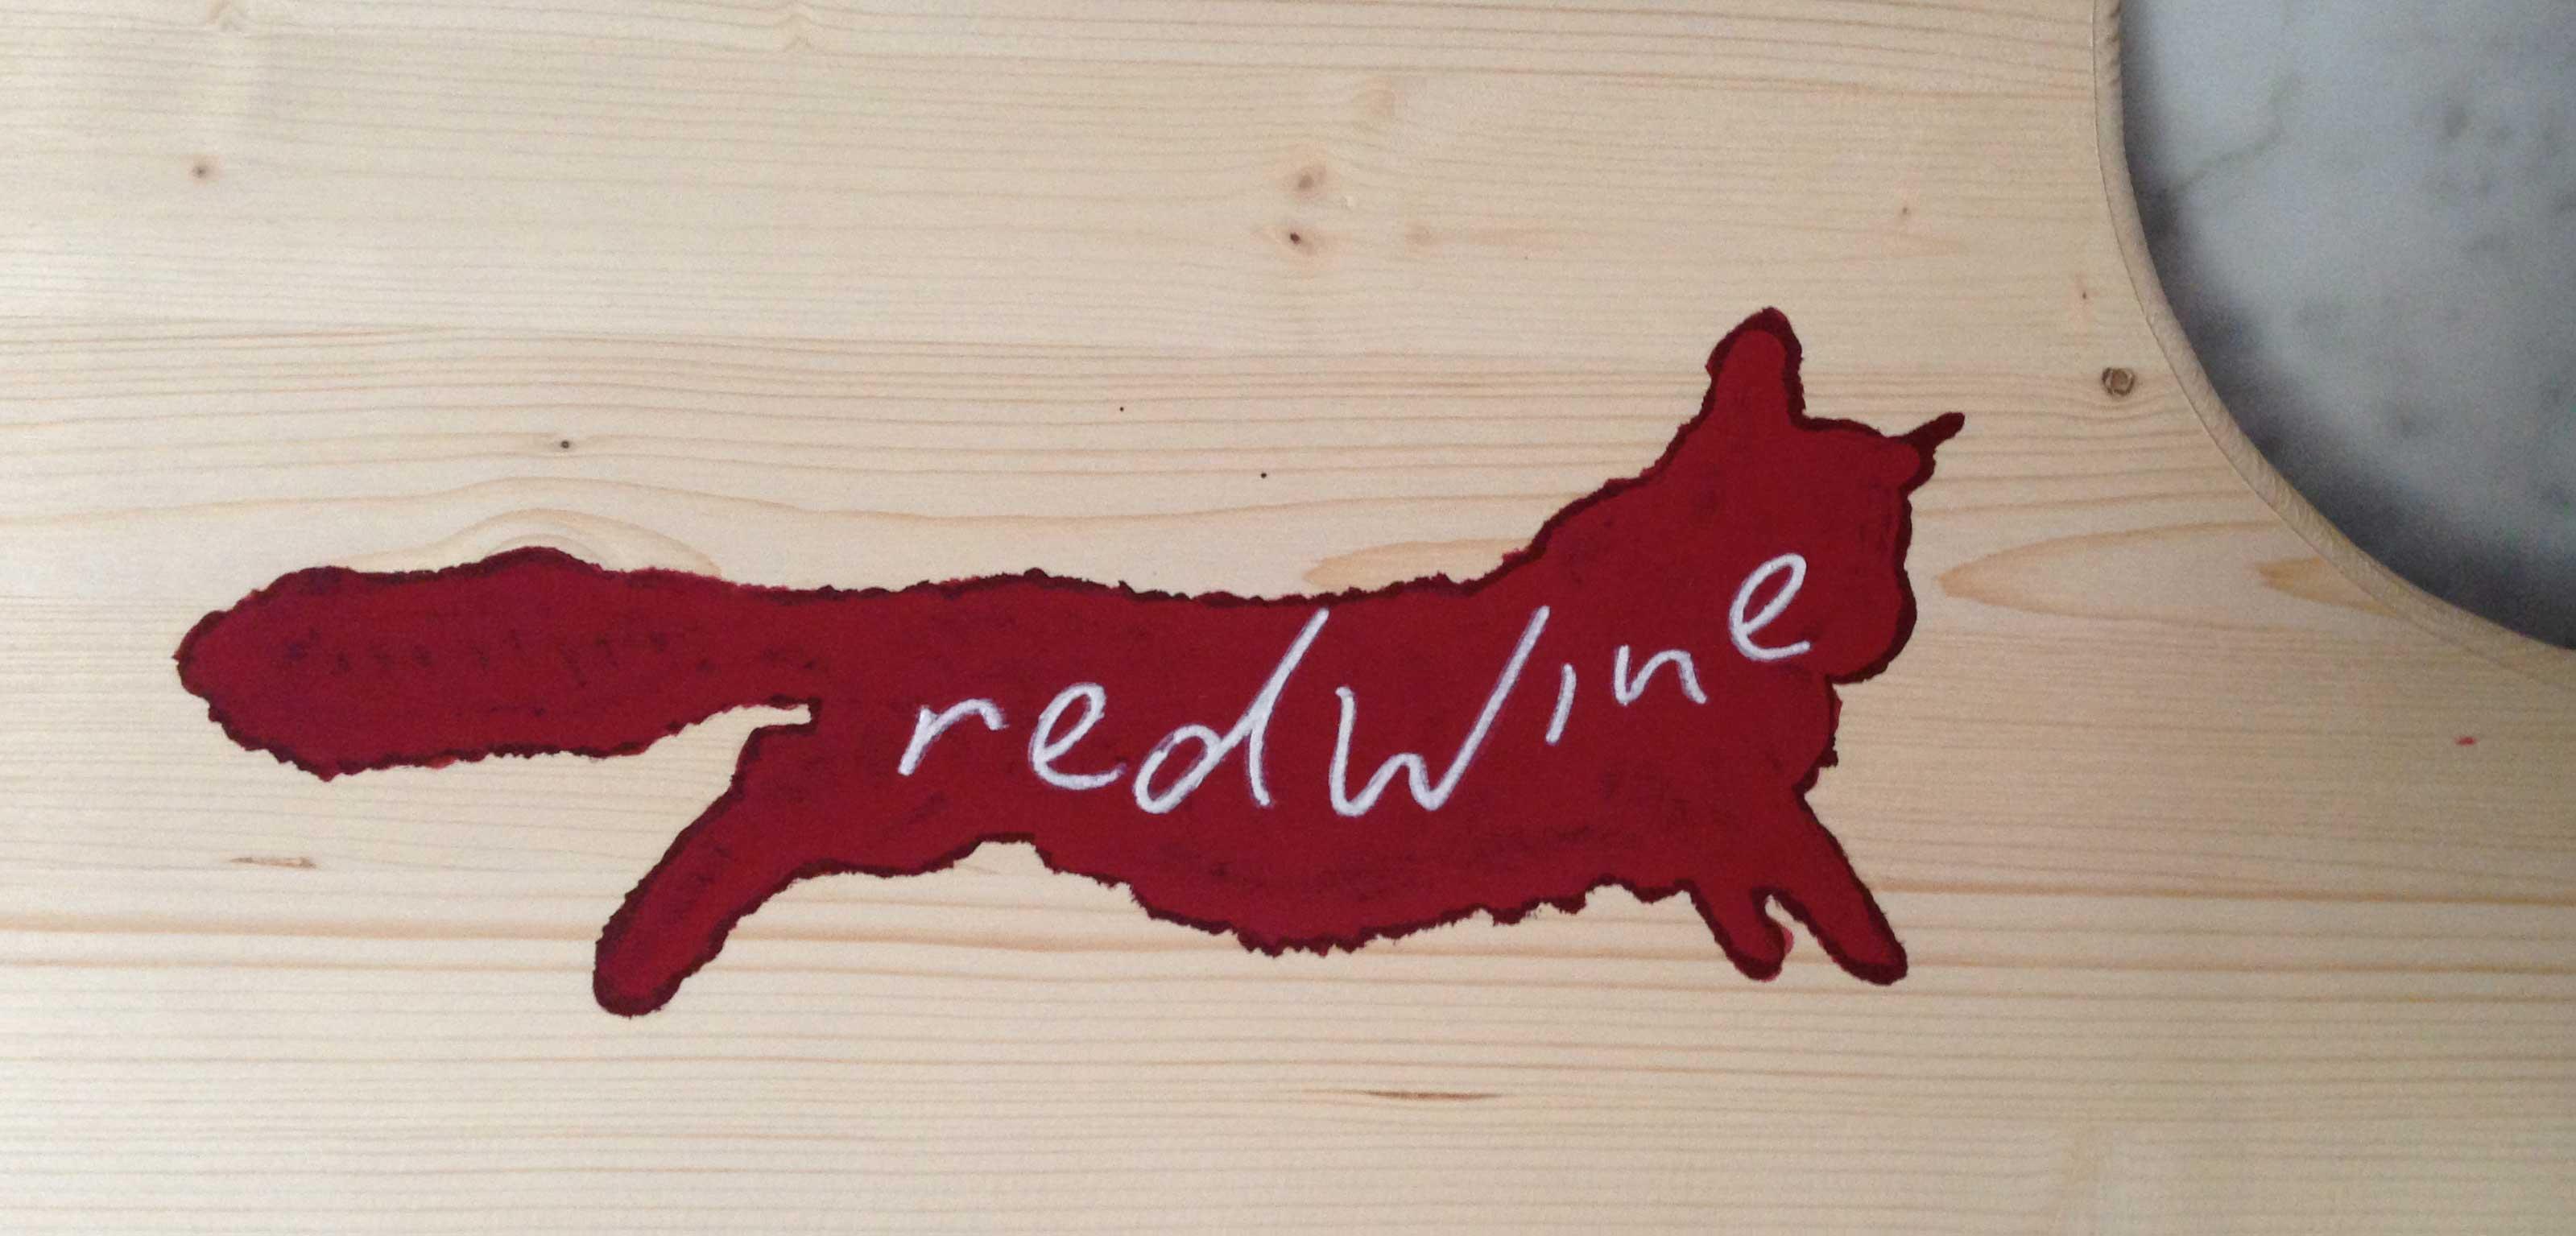 RedWine - Gatti Maine Coon